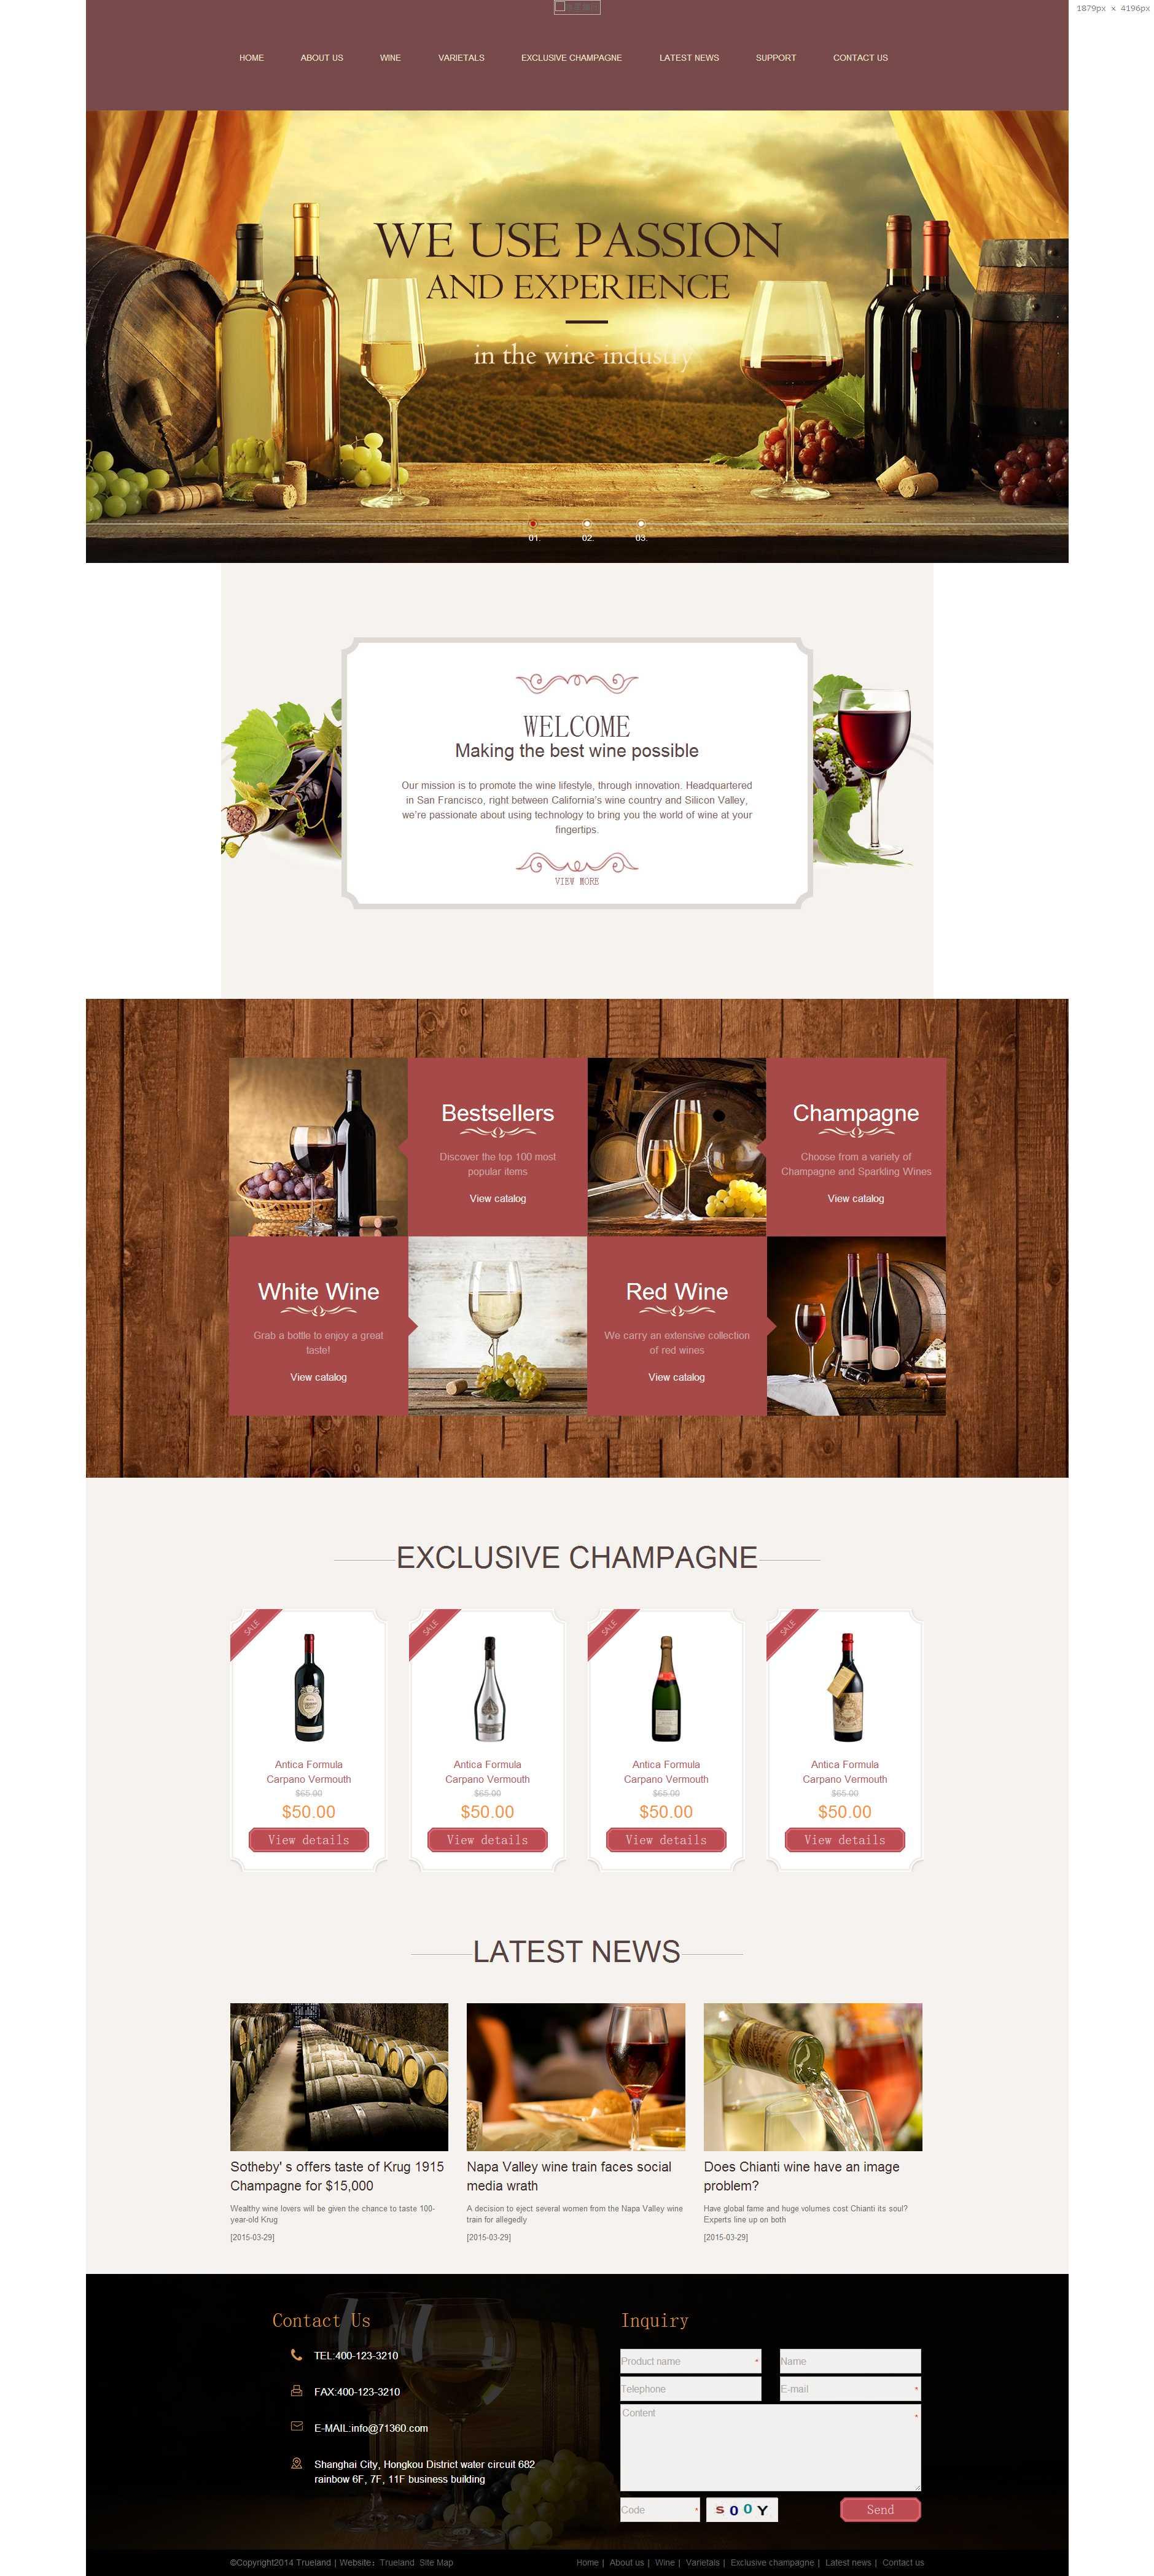 大气的葡萄酒酿制网站响应式html5模板